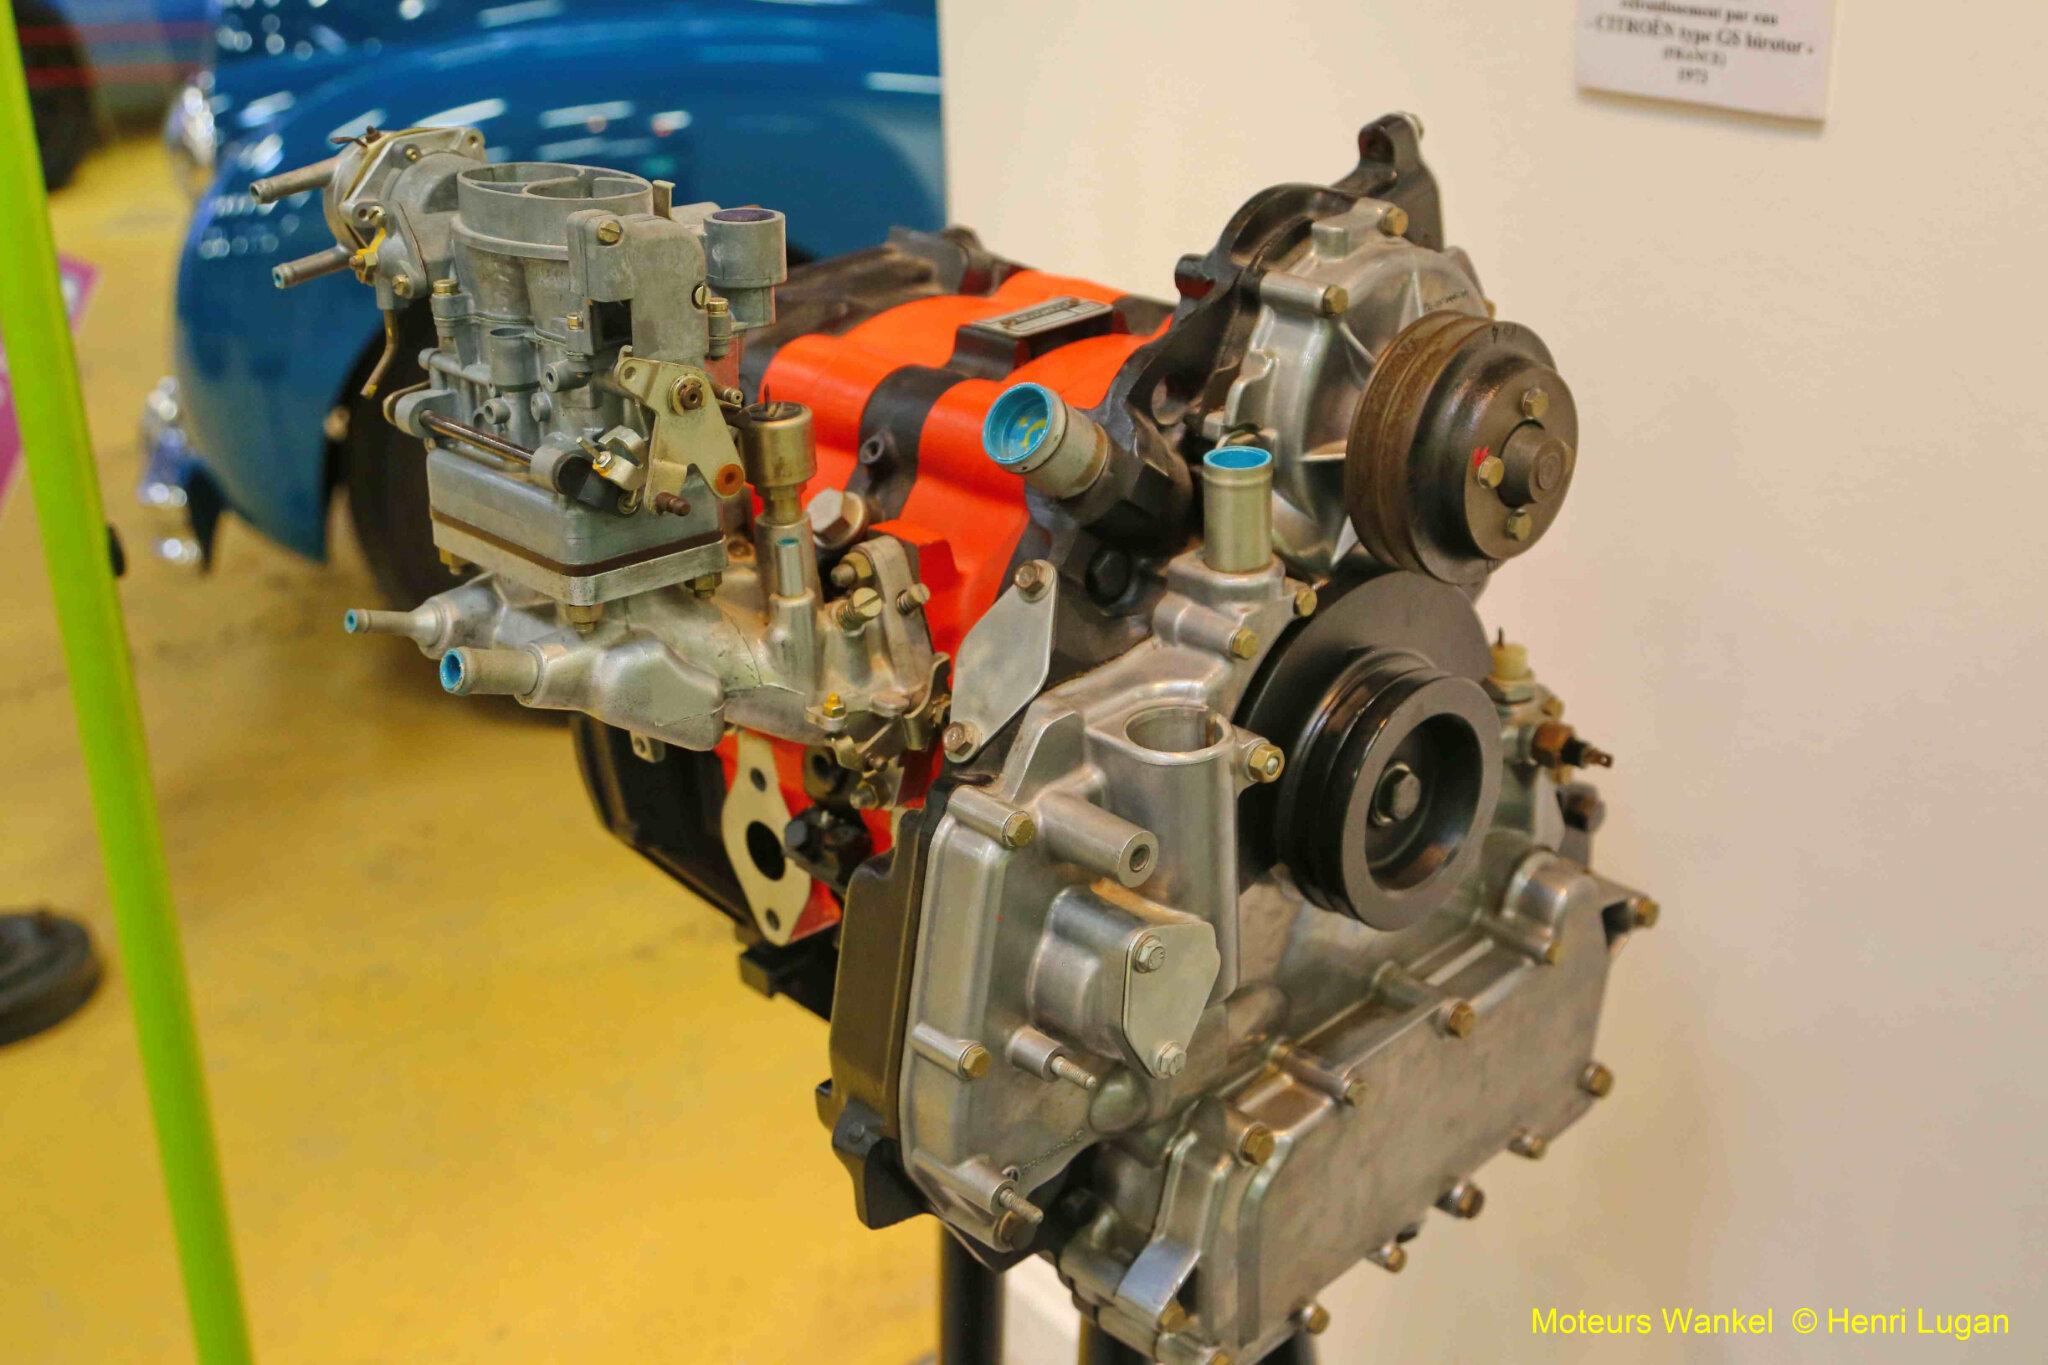 Citroen GS birotor moteur Wankel_01 - 1973 [F] HL_GF